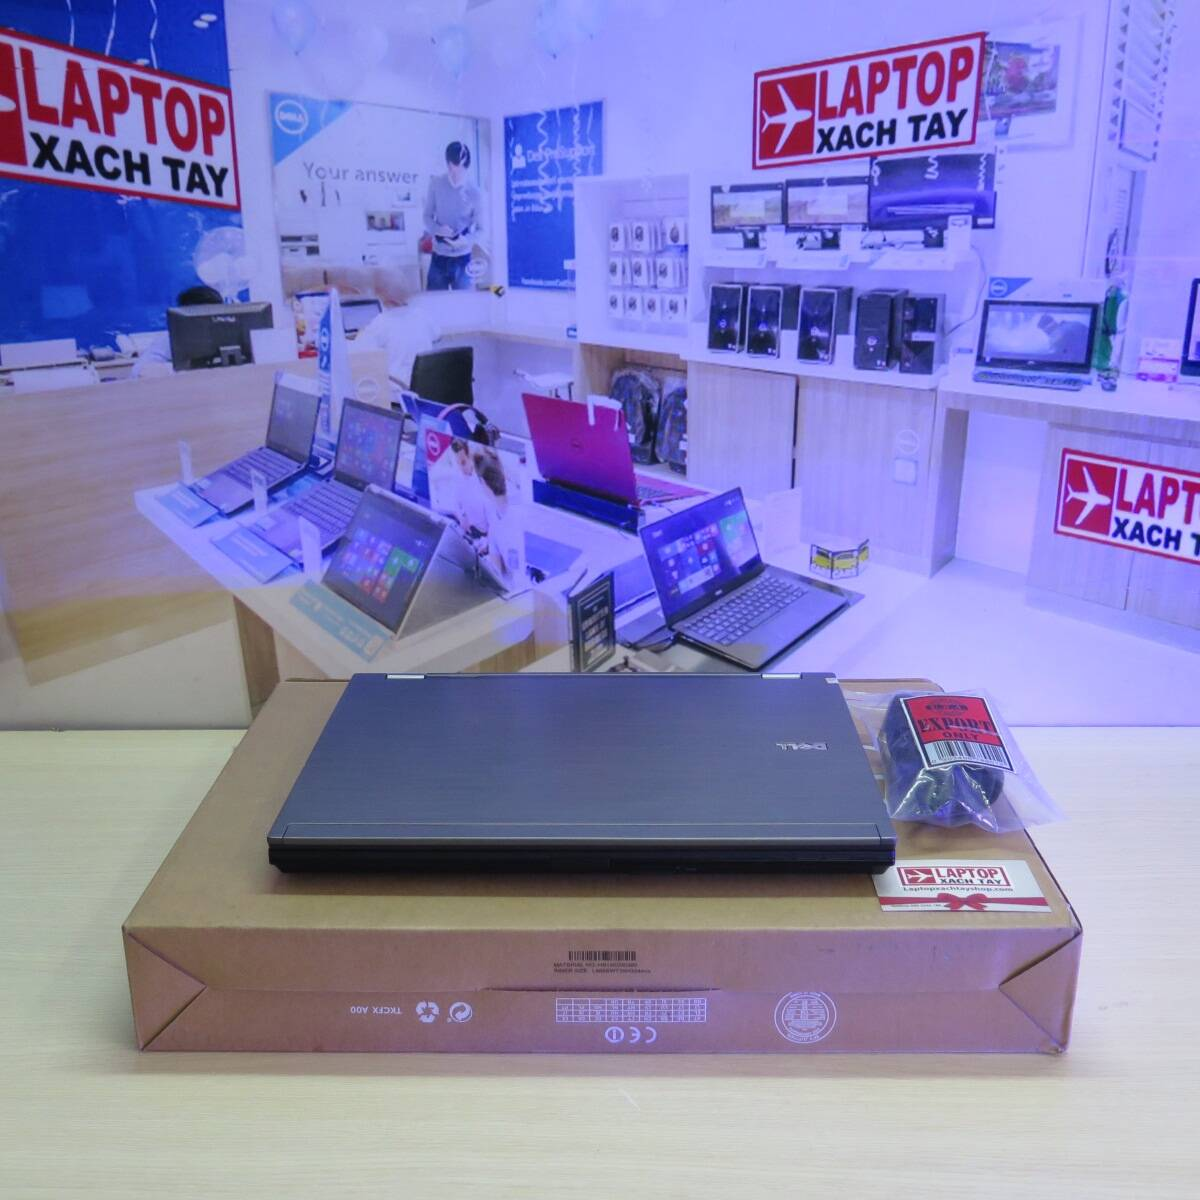 Dell Latitude E6410 I5 520M RAM 4GB HDD 500GB